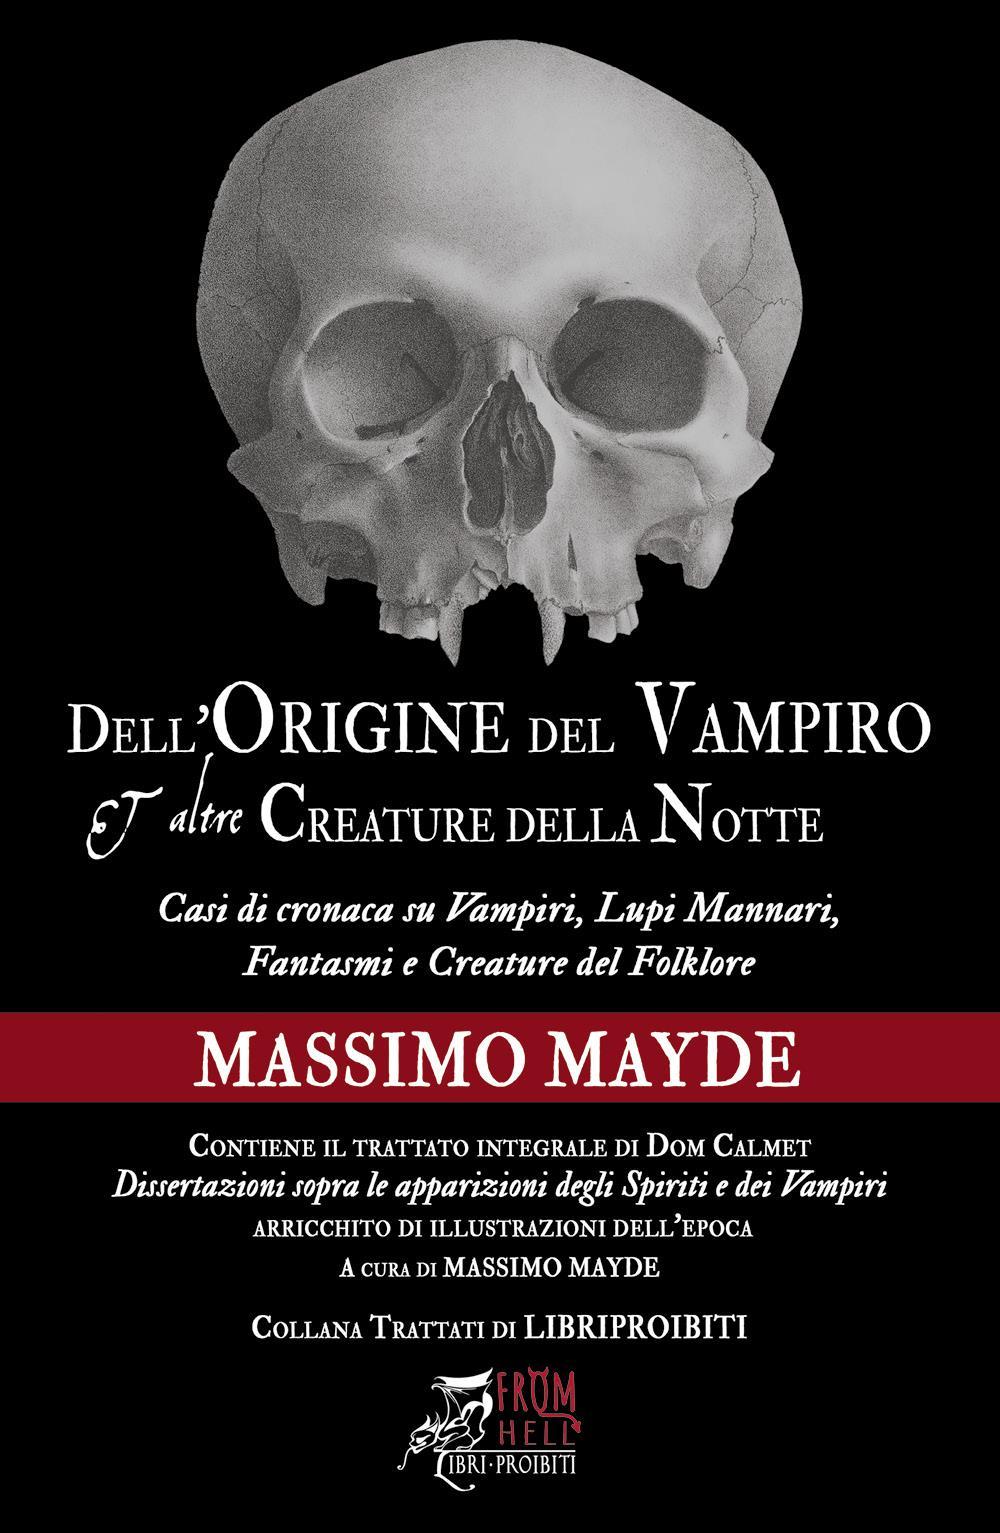 Dell'Origine del Vampiro e altre Creature della notte